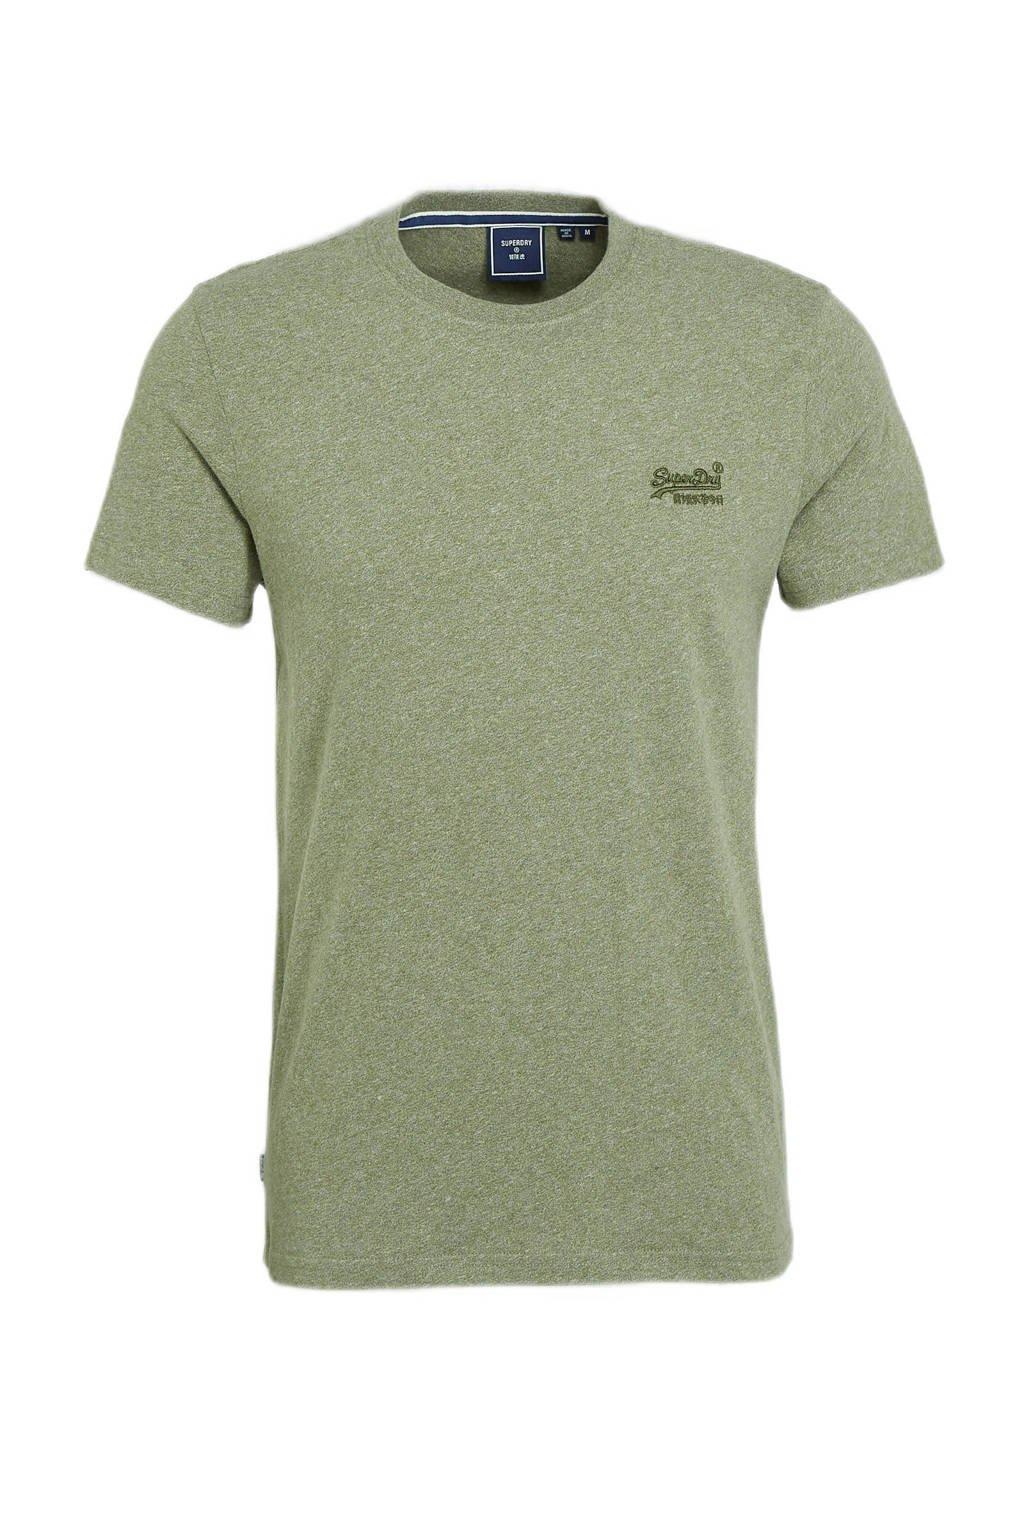 Superdry T-shirt olijfgroen, Olijfgroen